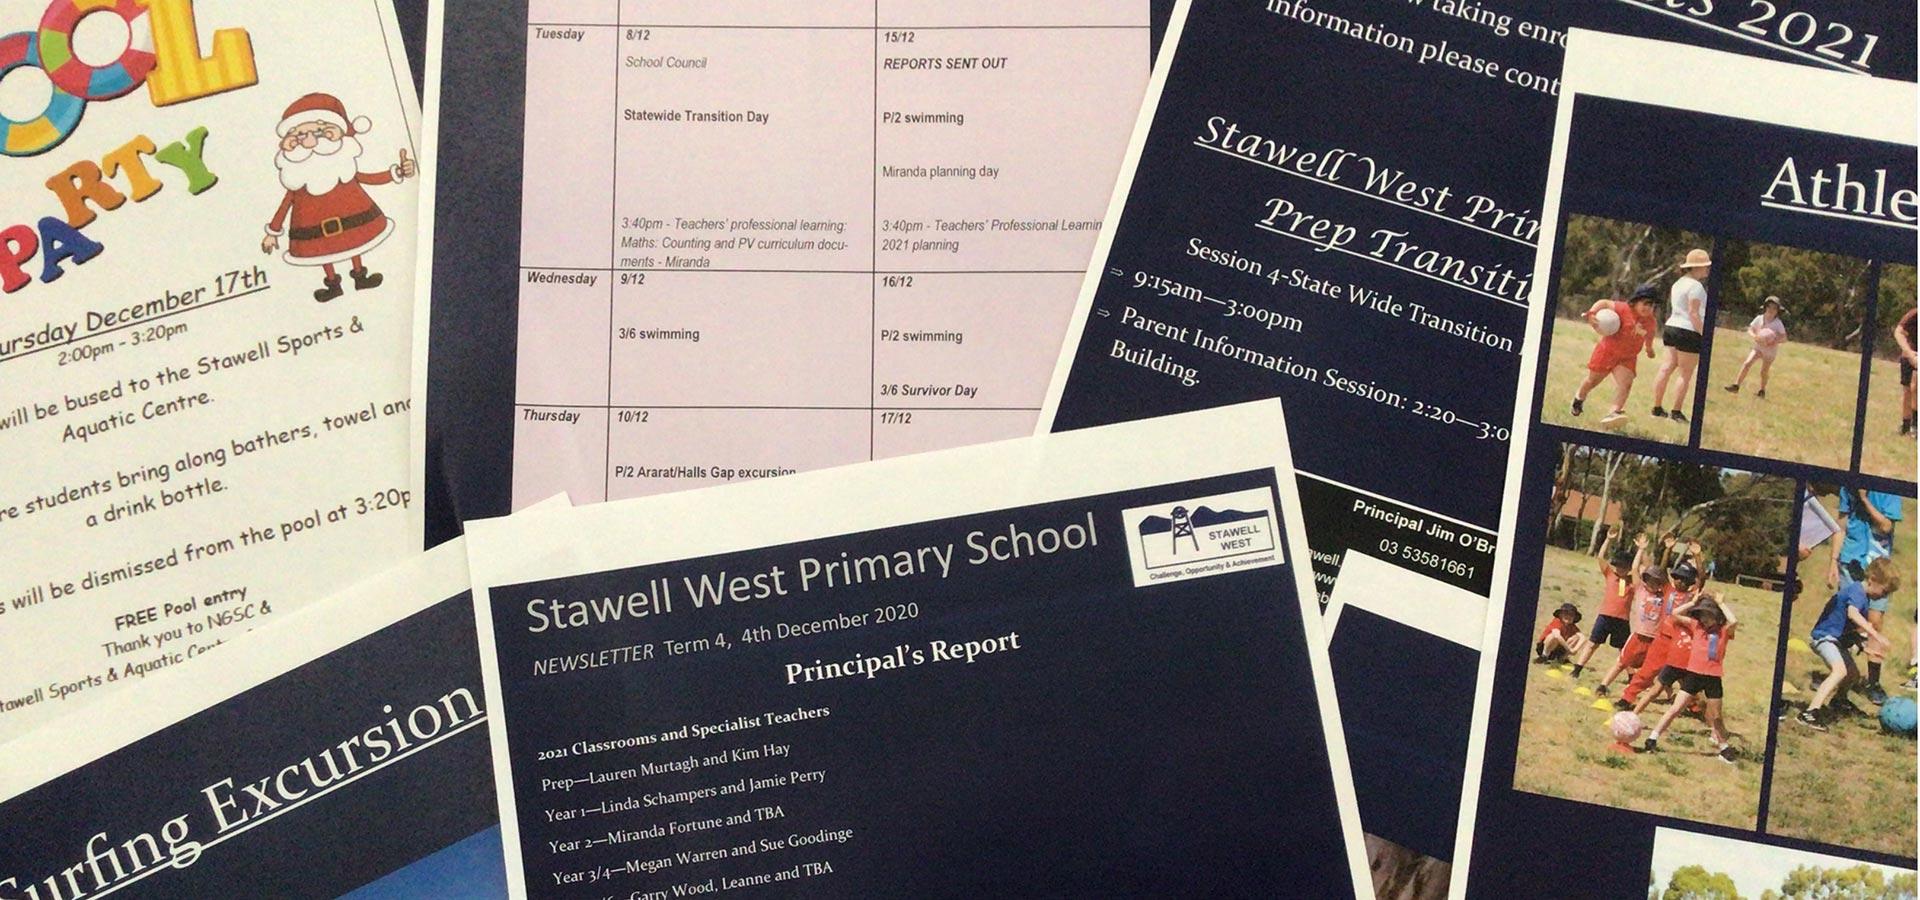 SWPS Newsletter image